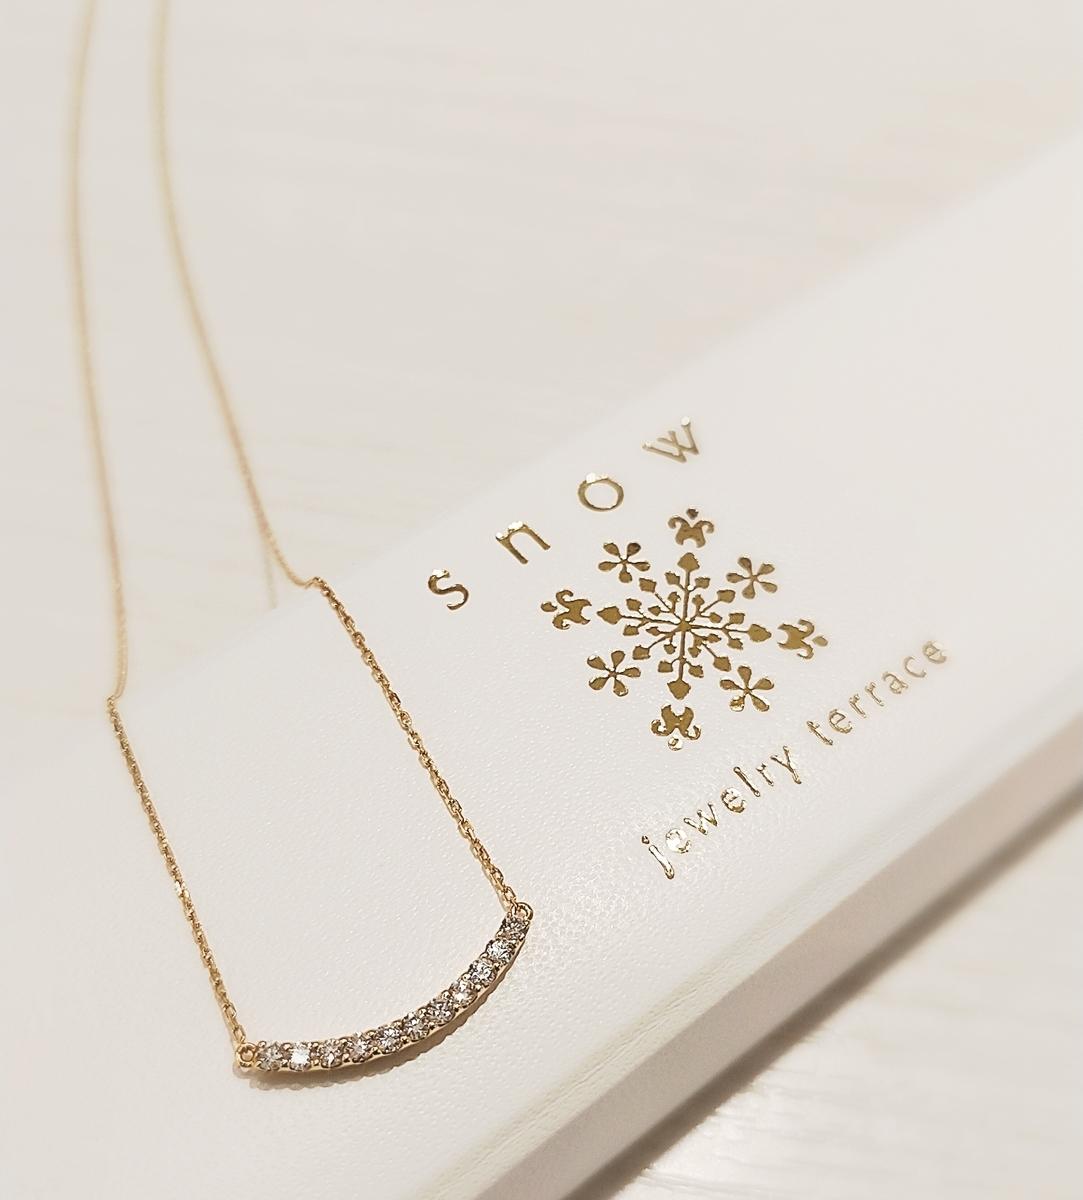 f:id:snow-jewelry-terrace:20210122143050j:plain